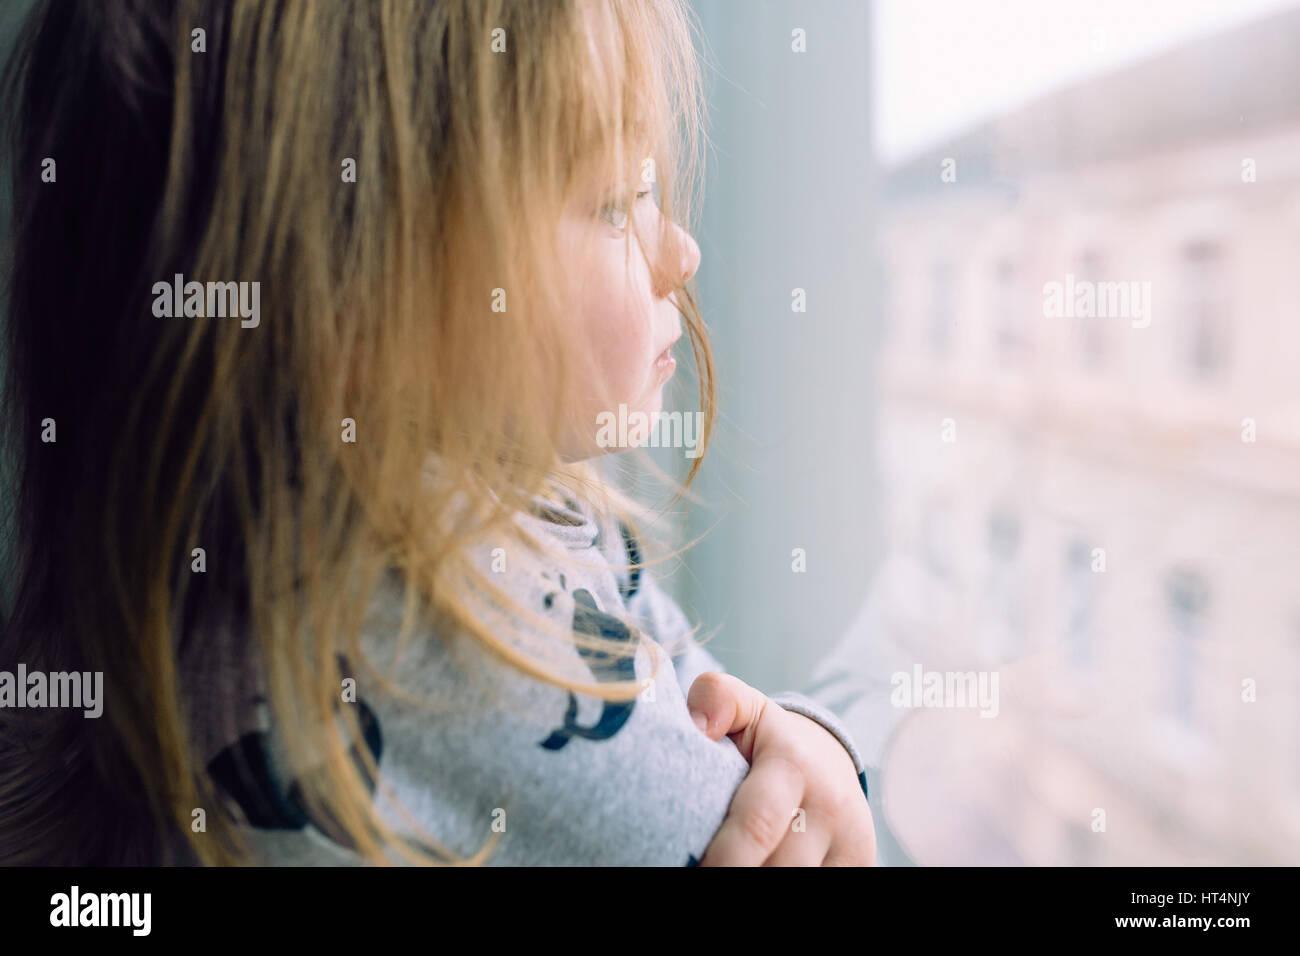 La vie sans espoir. Close up de pauvres déprimées petite fille debout près de la fenêtre et Photo Stock